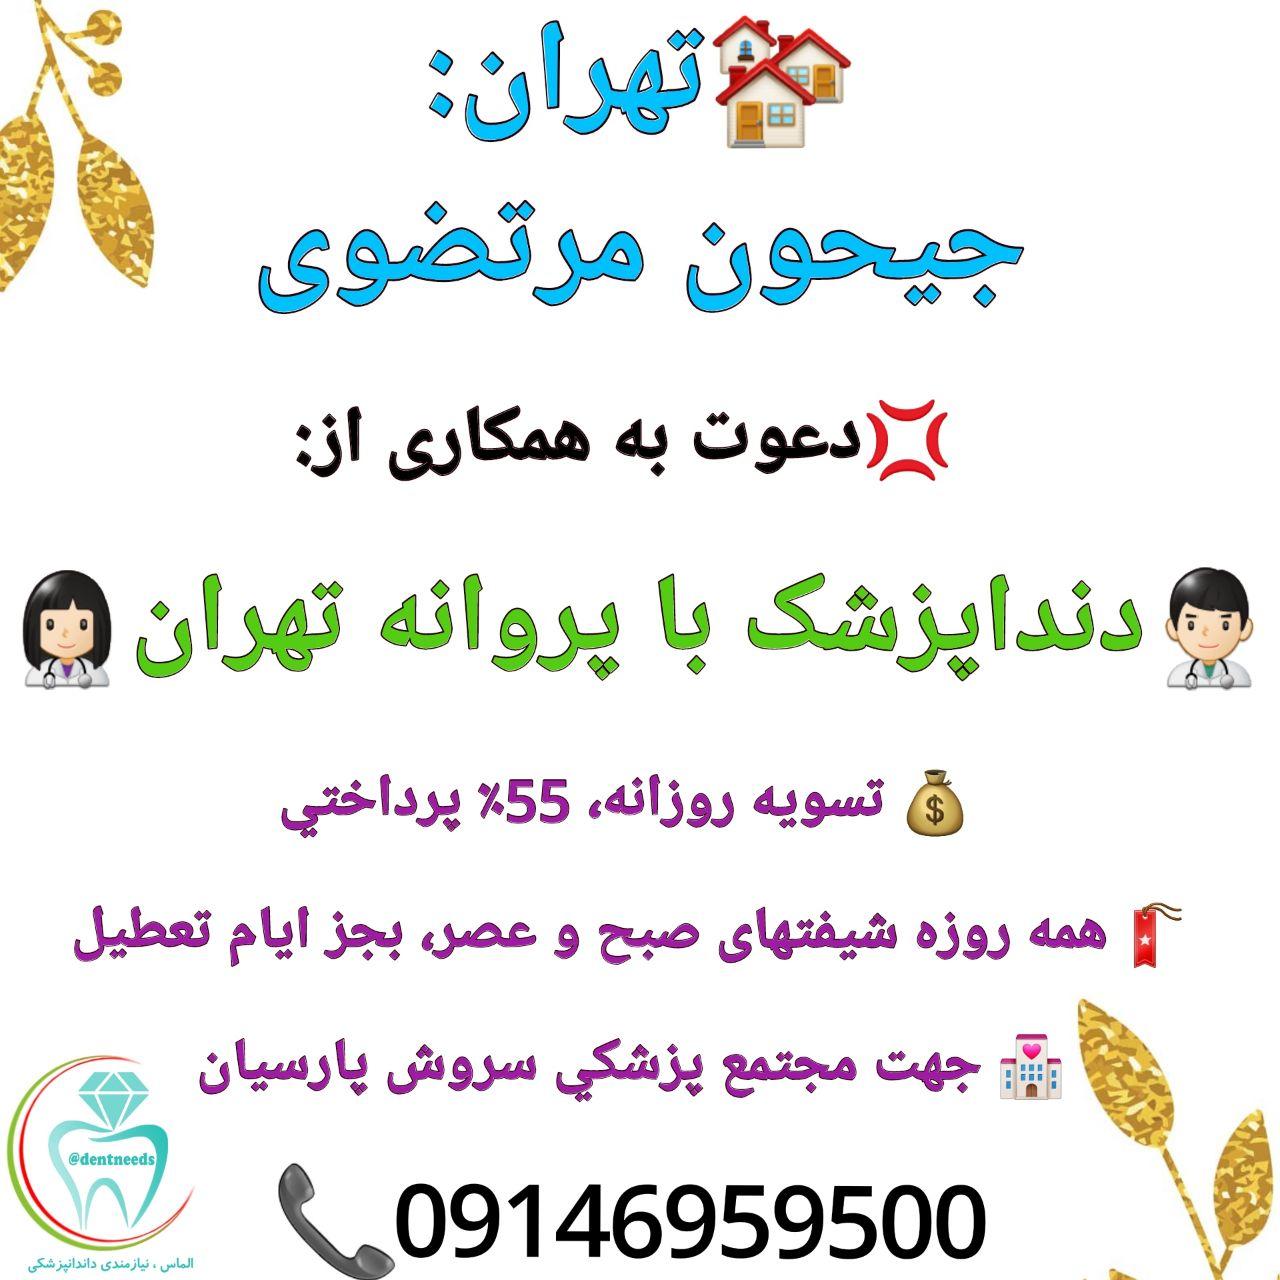 تهران: جیحون مرتضوی، نیاز به دندانپزشک با پروانه تهران